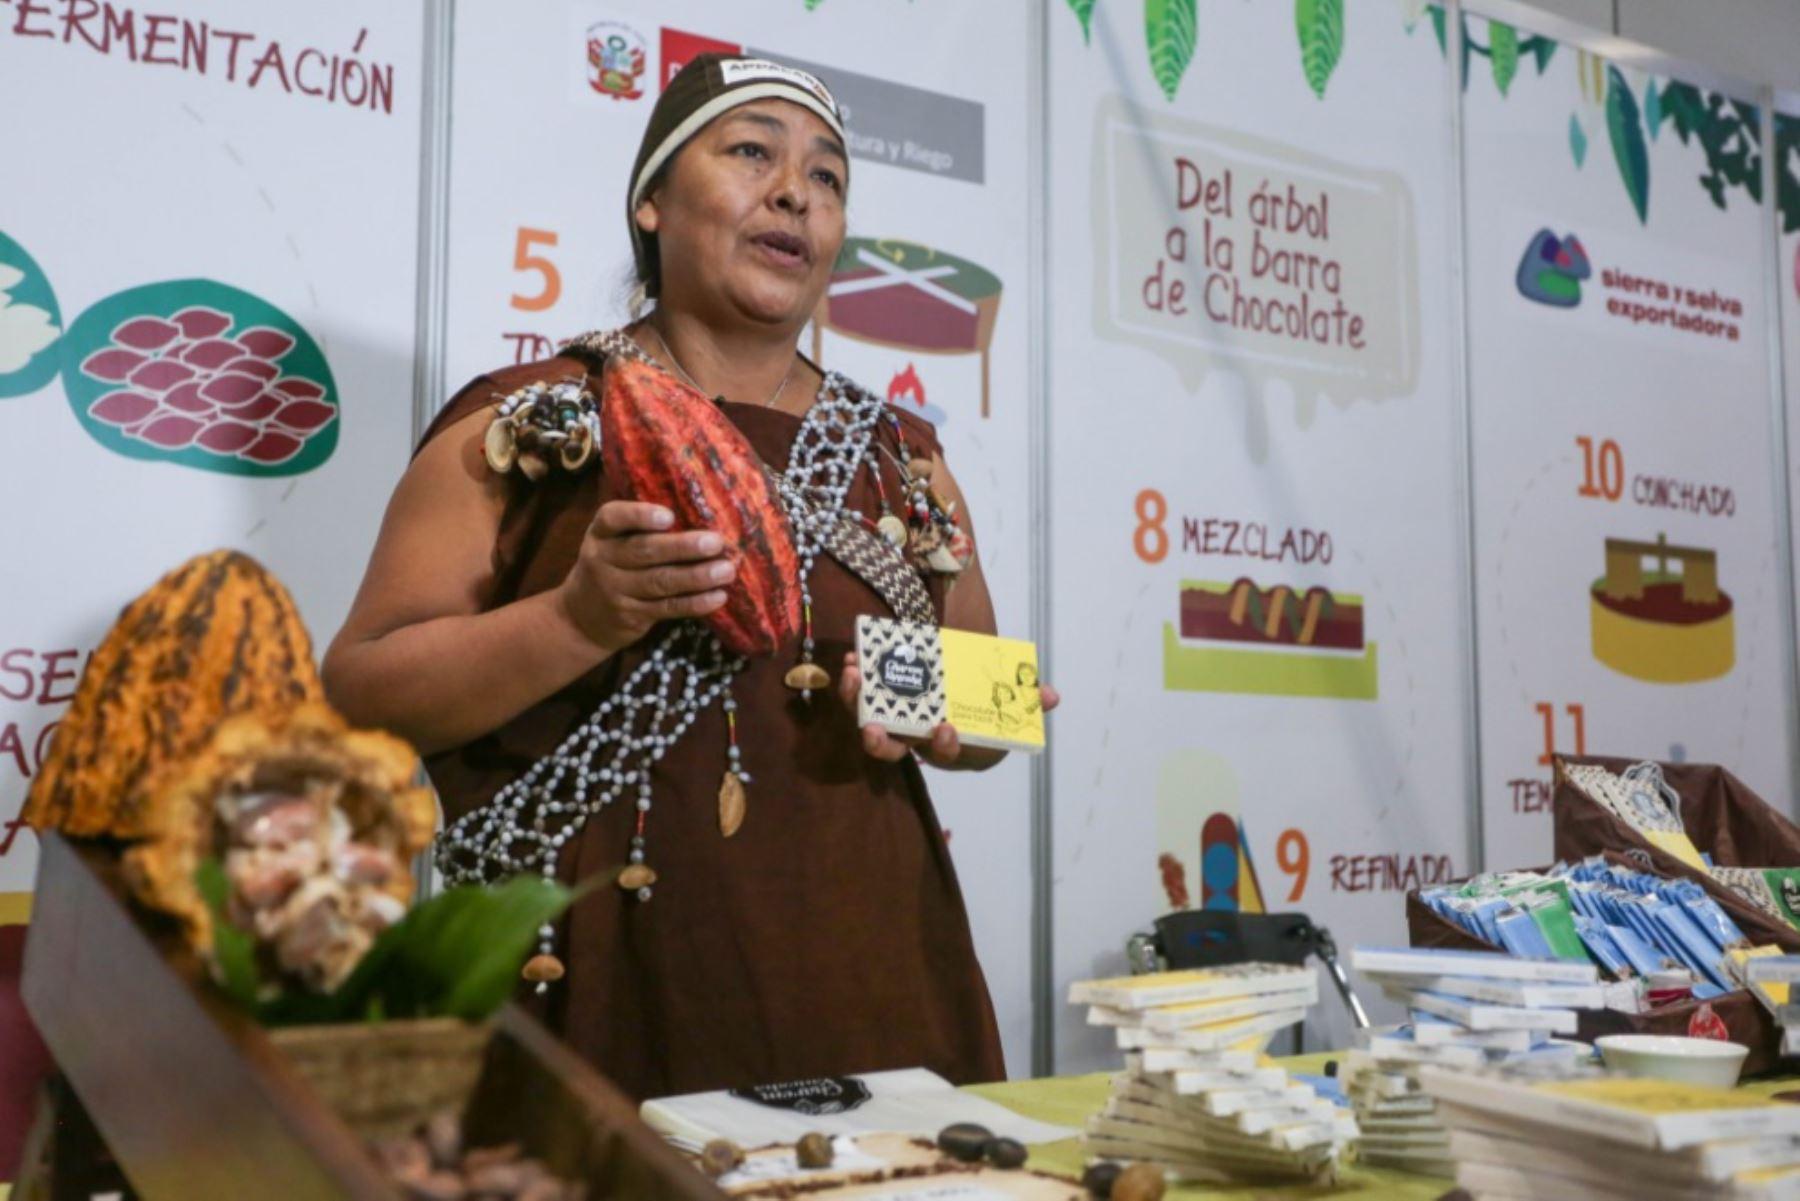 Hoy se celebra el Día Internacional del Chocolate, y cabe destacar que este delicioso dulce que tiene como insumo principal el cacao, ubica al Perú en un lugar importante en la órbita mundial gracias a la excelente calidad orgánica de este cultivo, pero también por los exquisitos chocolates que han obtenido galardones en concursos internacionales. ANDINA/Difusión